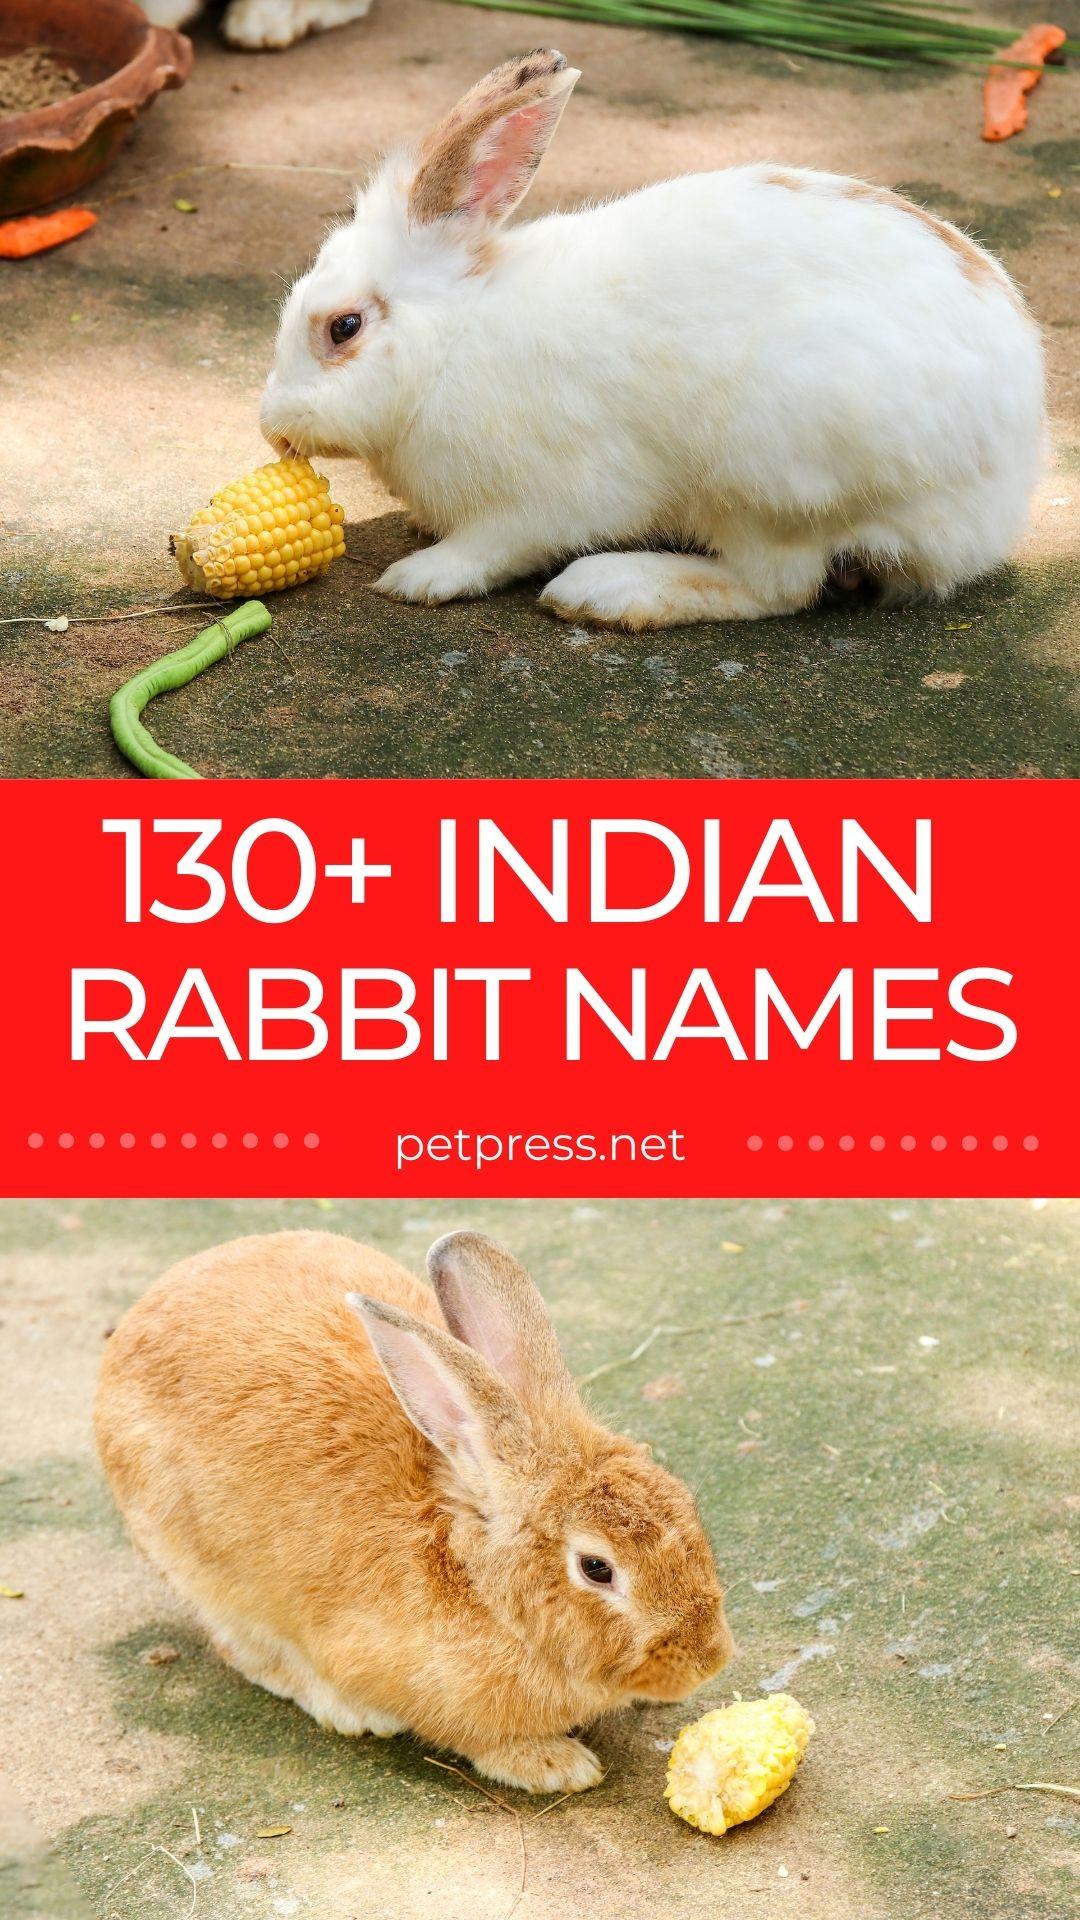 indian rabbit names for naming a pet rabbit